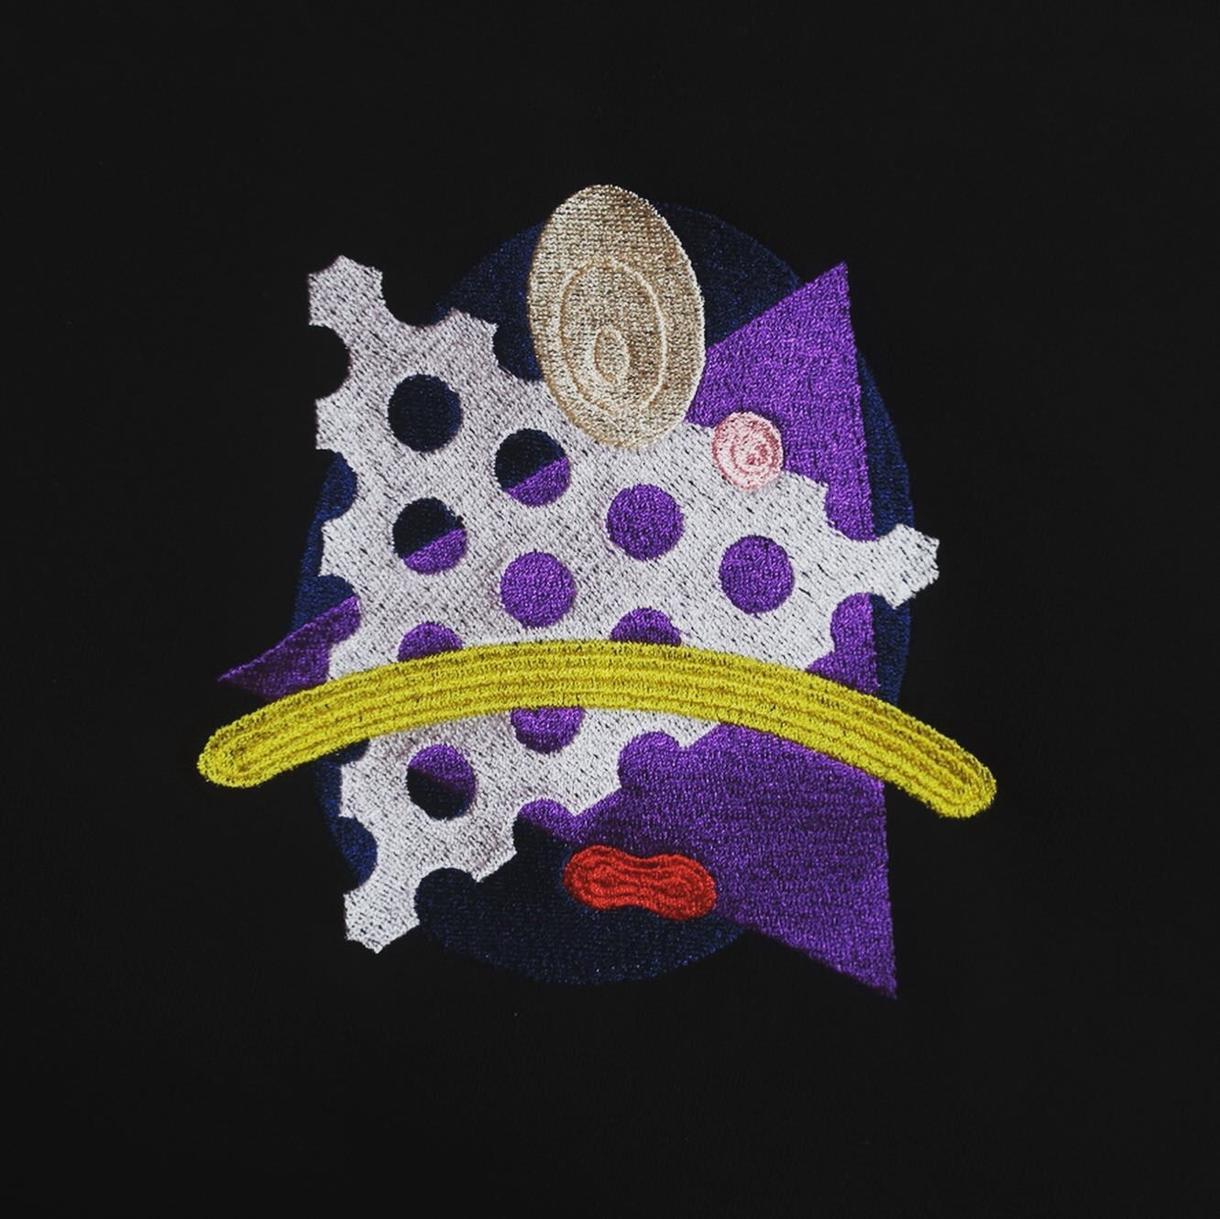 業務用刺繍機でハイクオリティー刺繍を実現します 業者ではできない刺繍サービスを